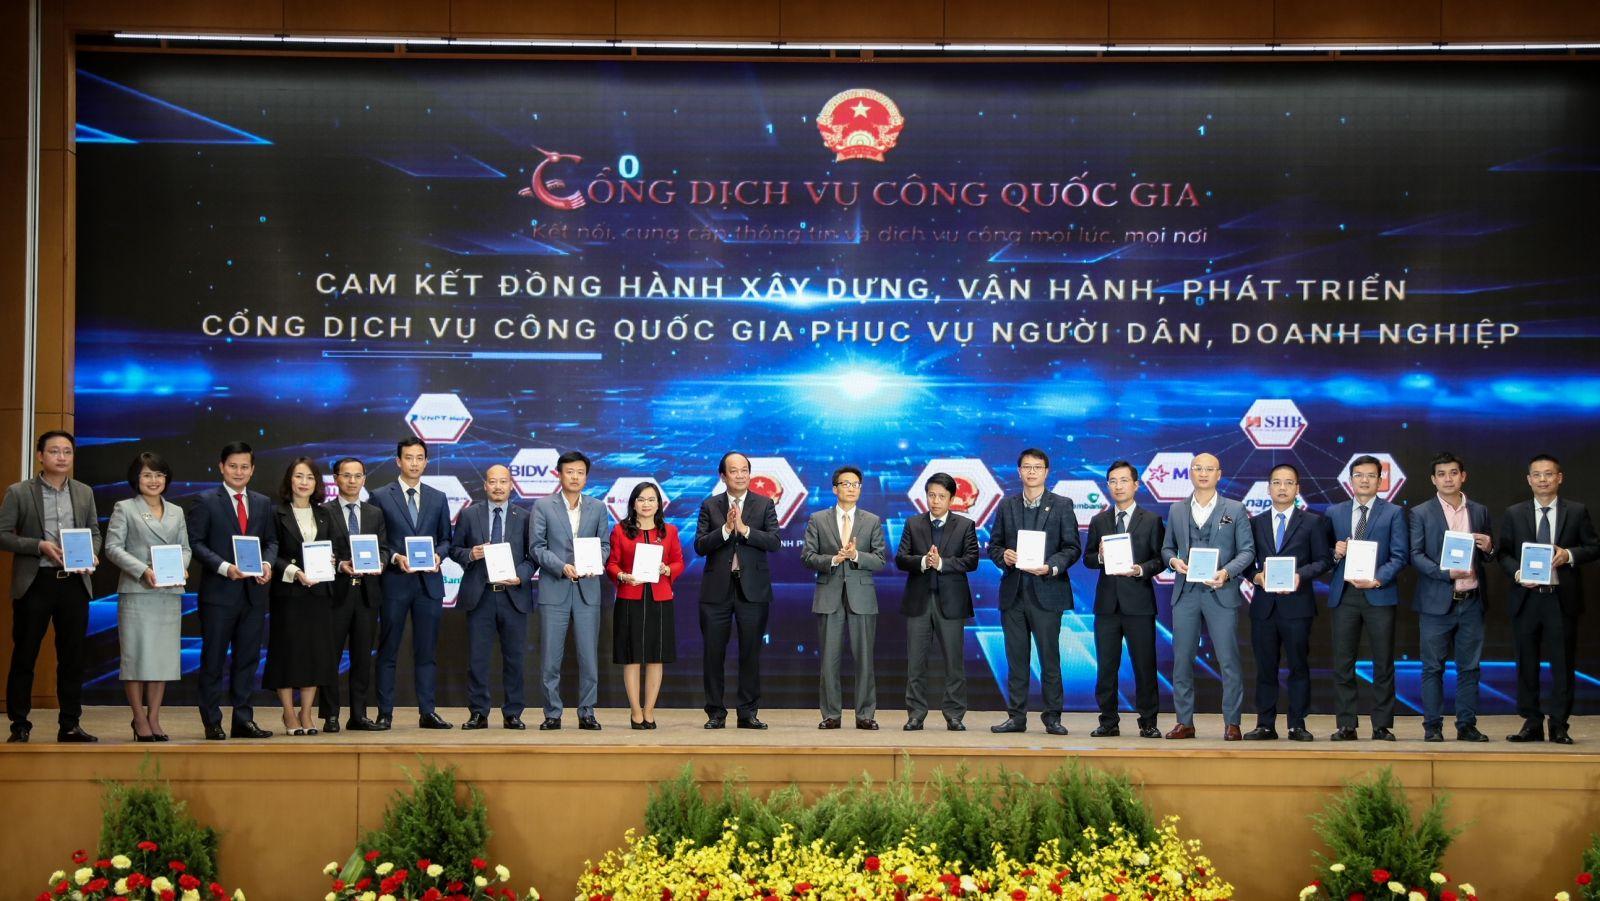 Phó Tổng giám đốc VPBank Đinh Văn Nho (thứ 5 từ trái sang) và các doanh nghiệp ký cam kết đồng hành xây dựng, phát triển Cổng Dịch vụ công quốc gia. (Ảnh: Minh Sơn/Vietnam+)